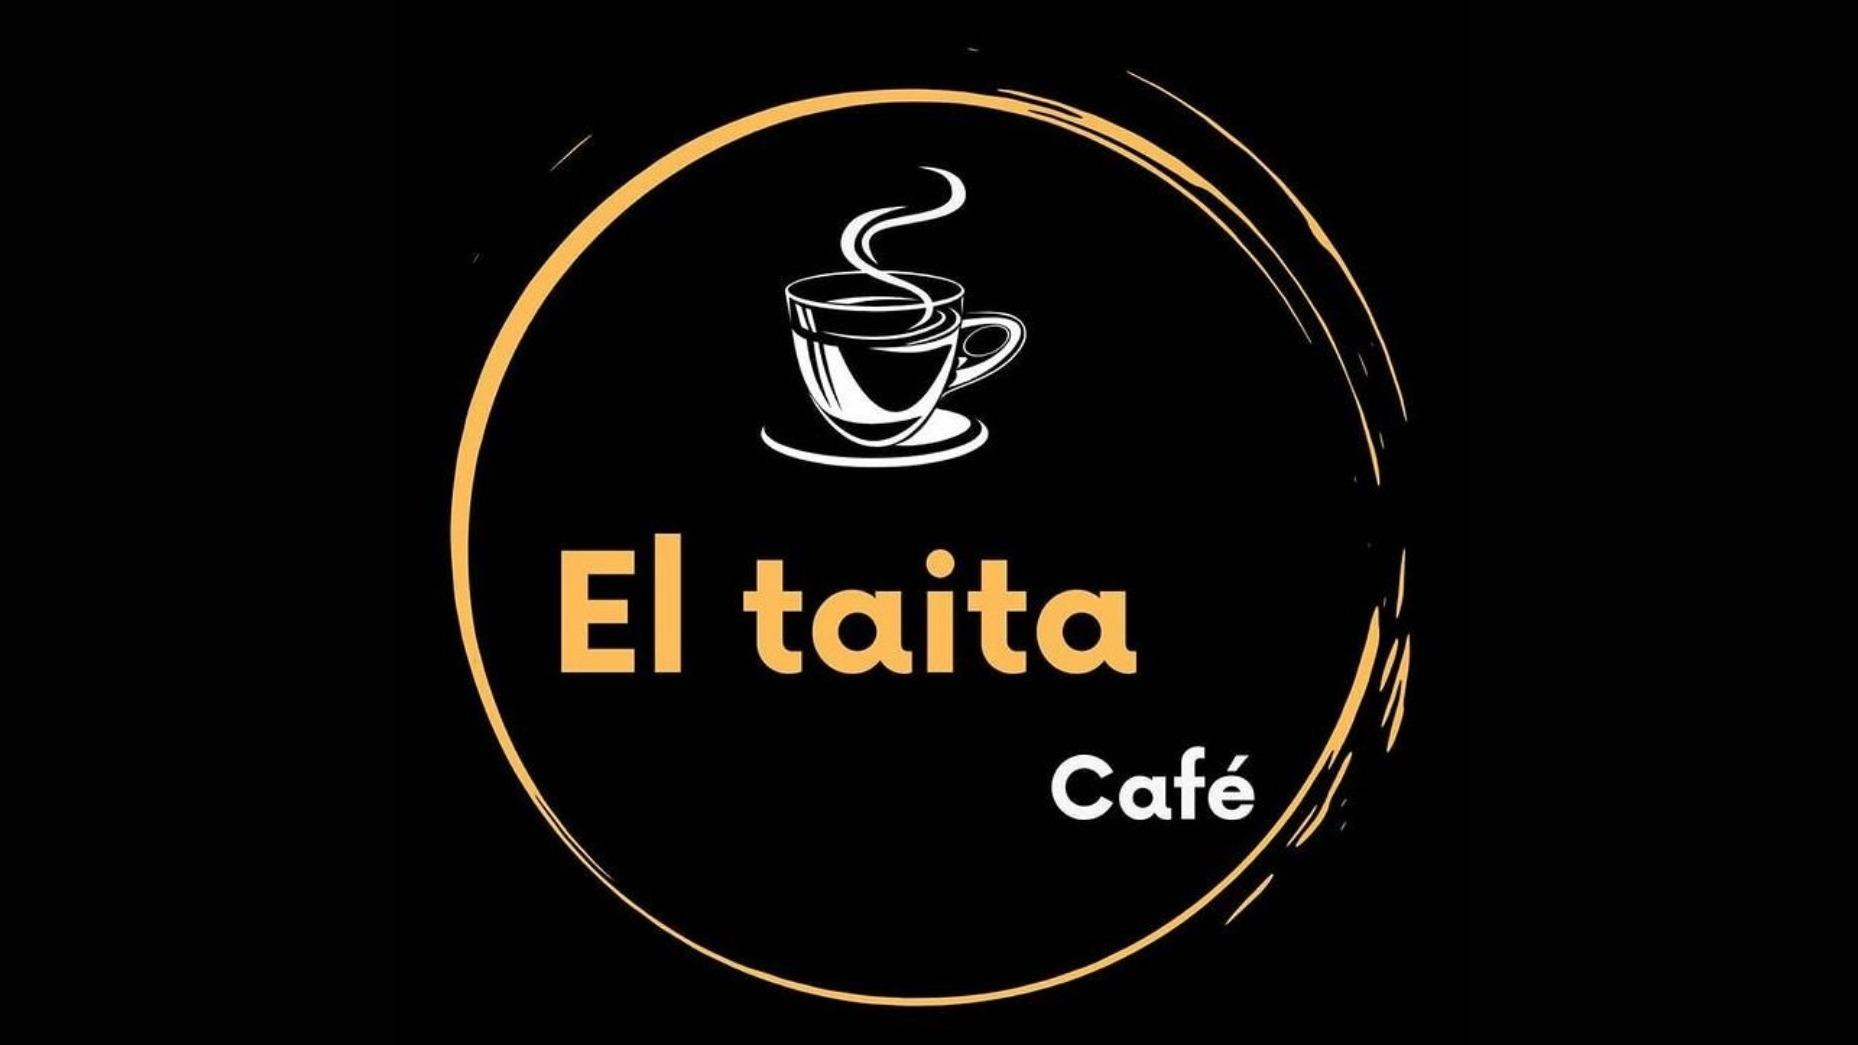 El taita Café